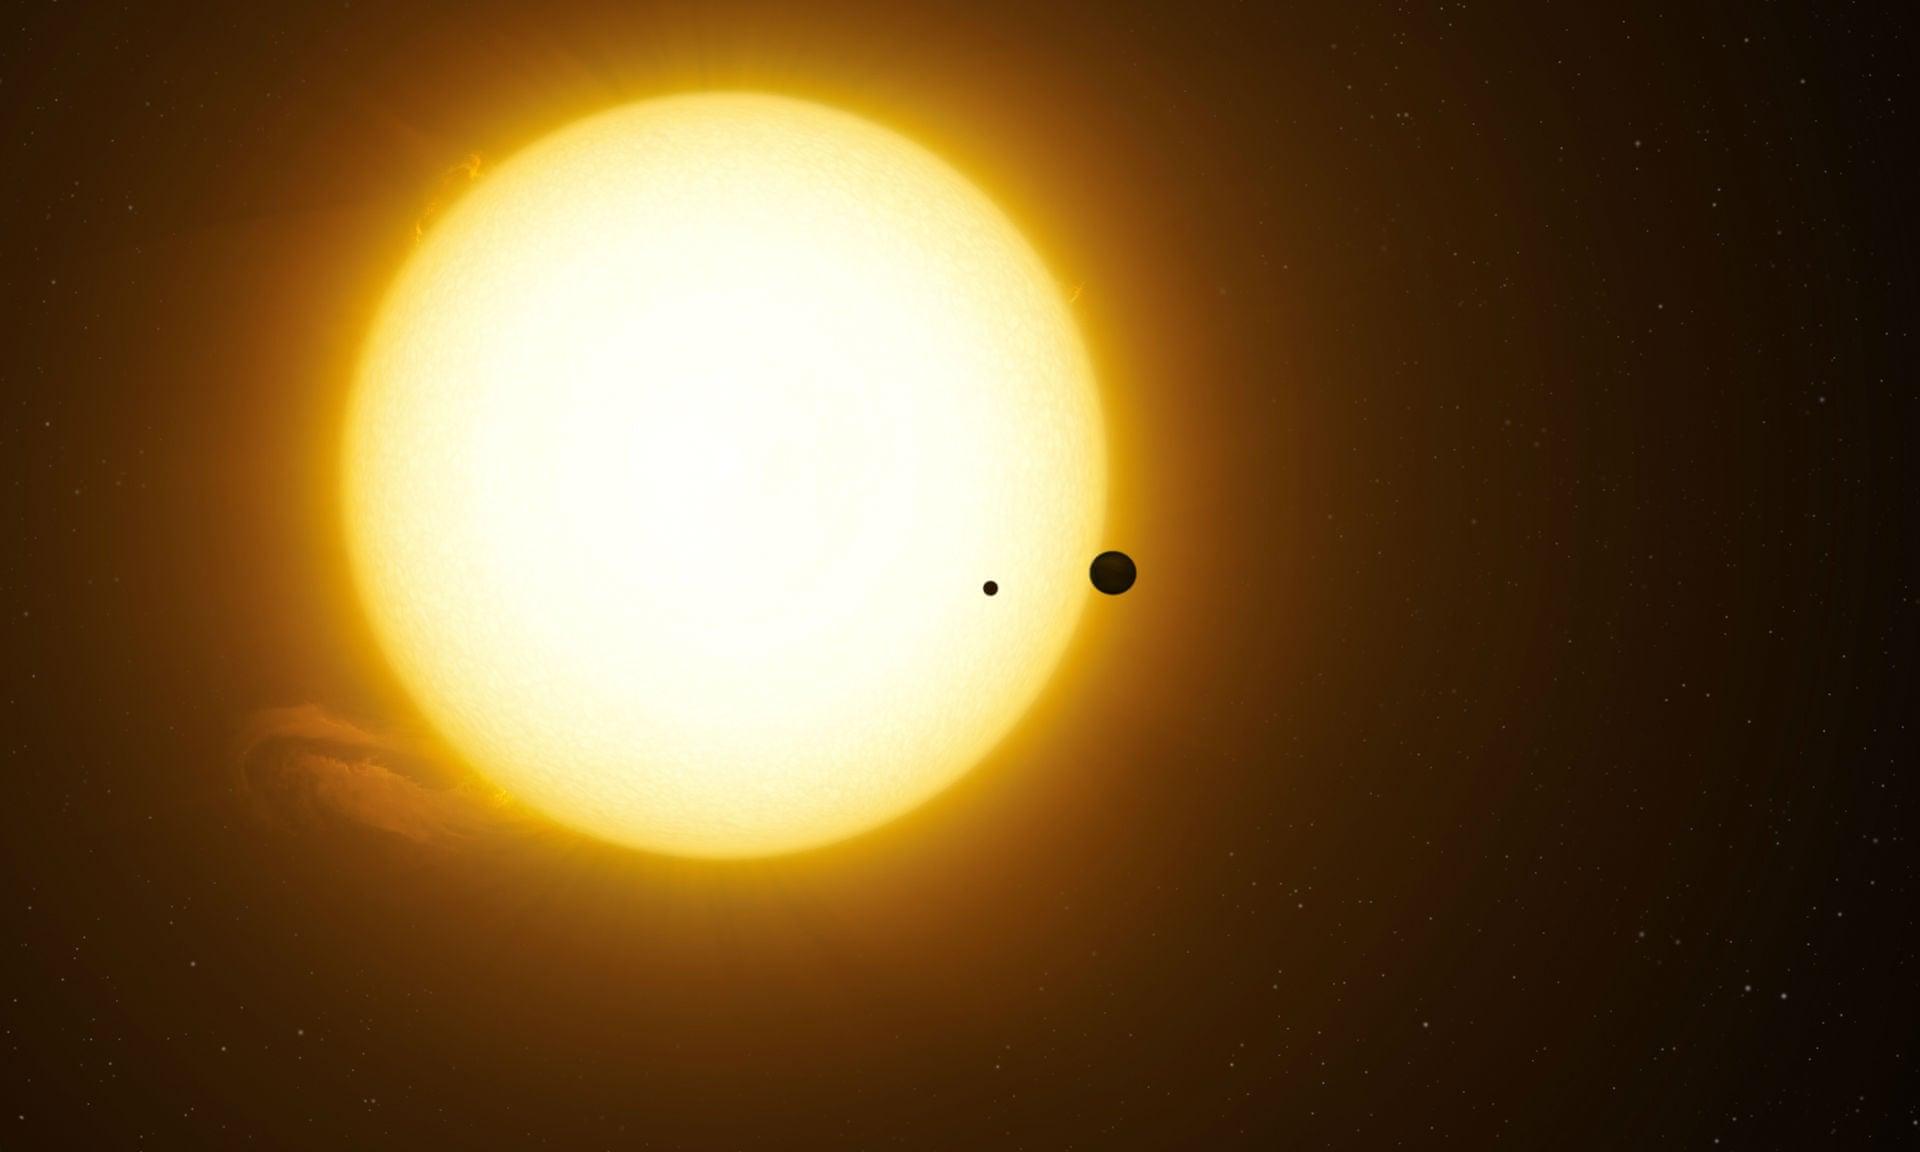 가스행성 케플러-1625b와 주위를 도는 위성으로 추정되는 케플러-1625b-i